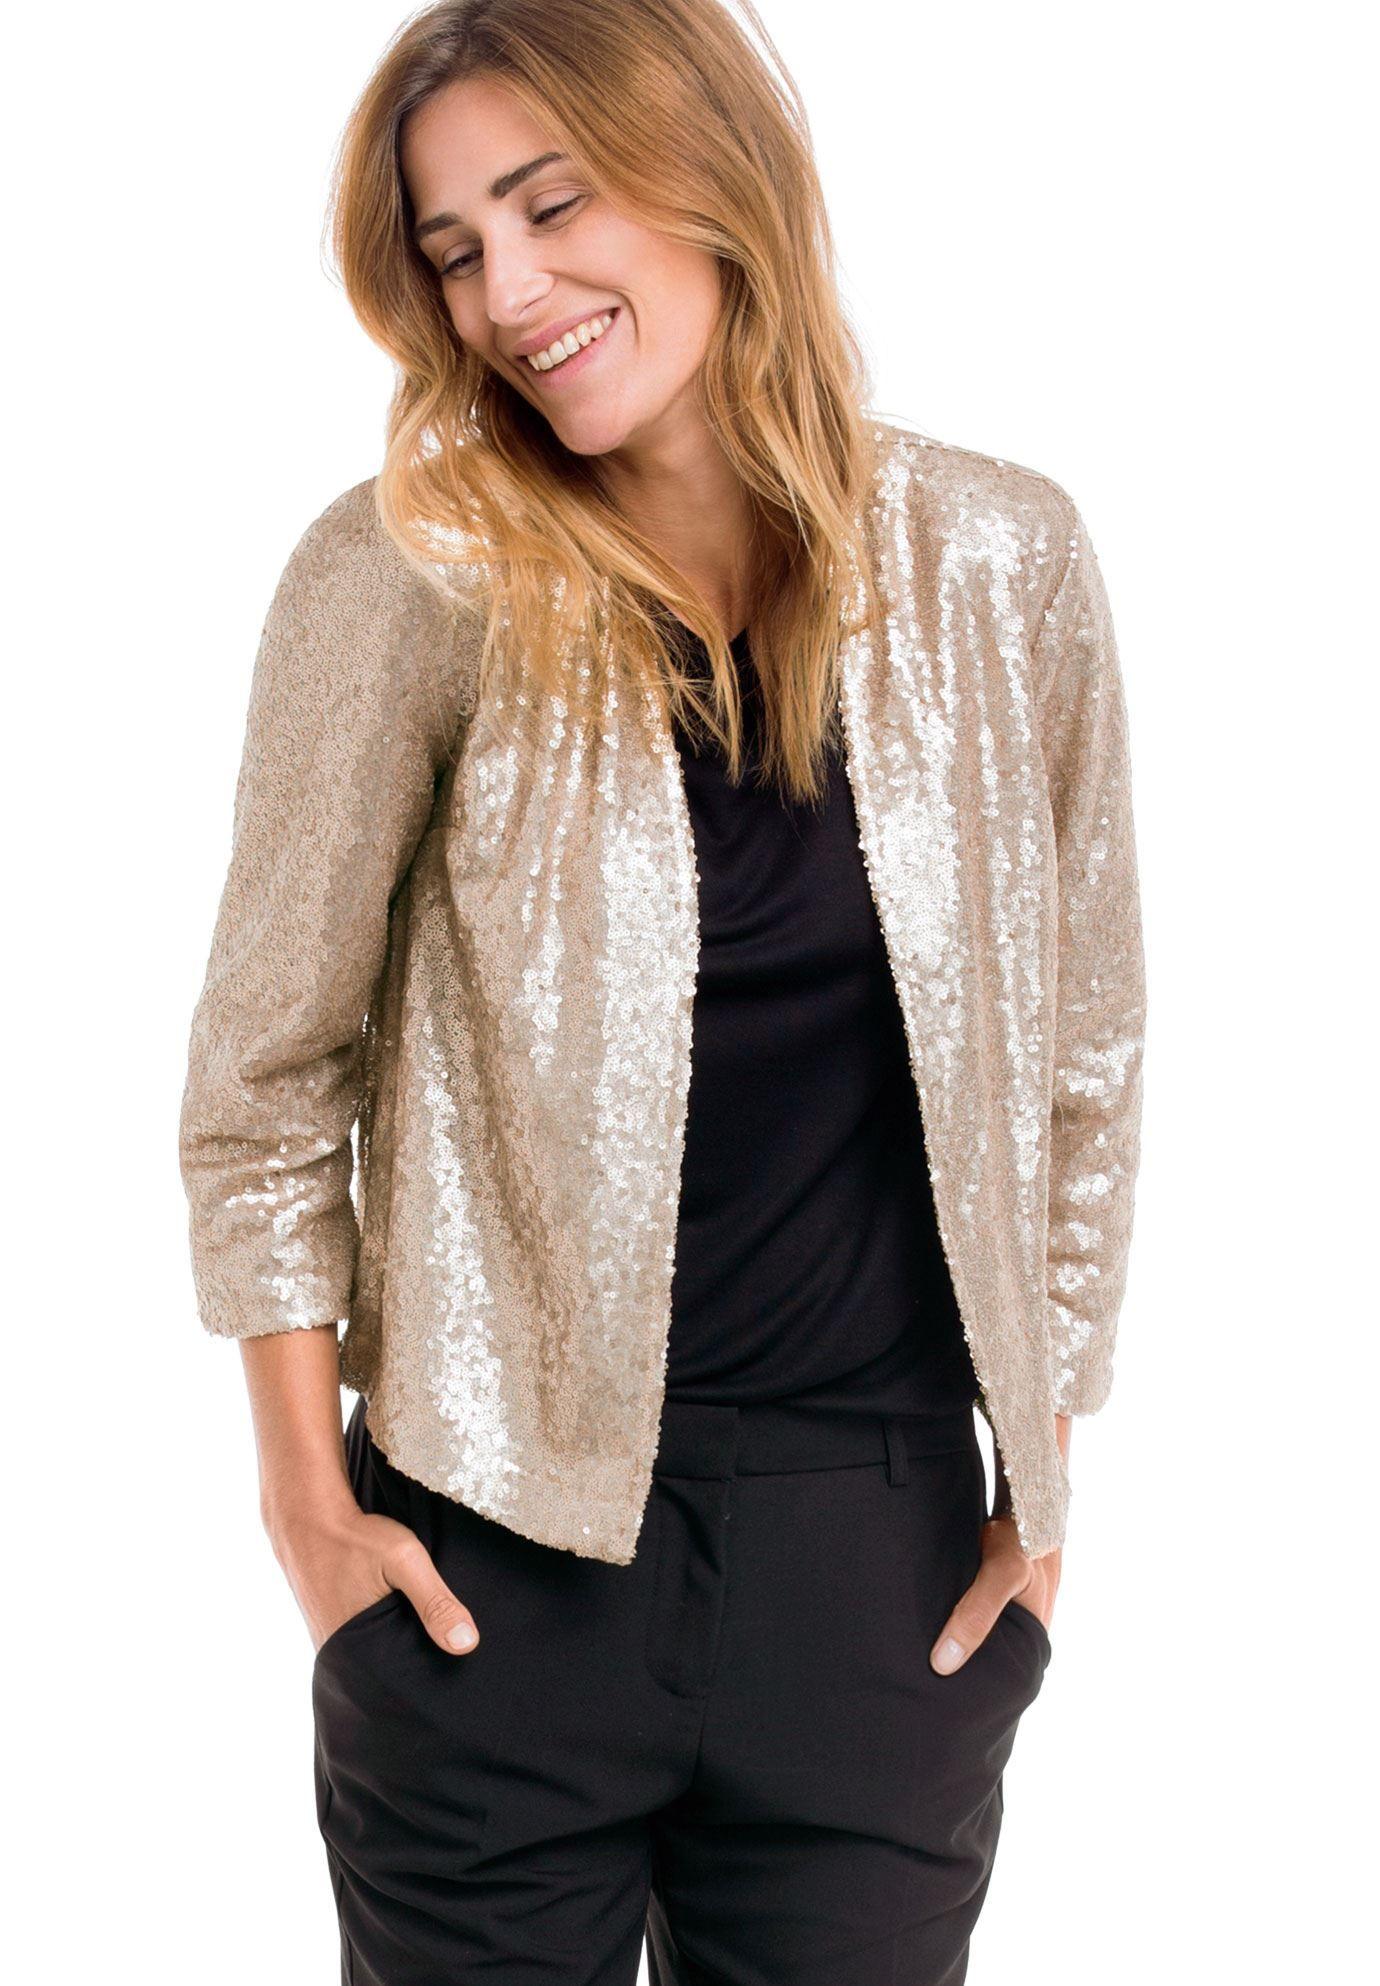 1241a3e412e0 Sequin Short Open Jacket by Ellos® - Women's Plus Size Clothing ...